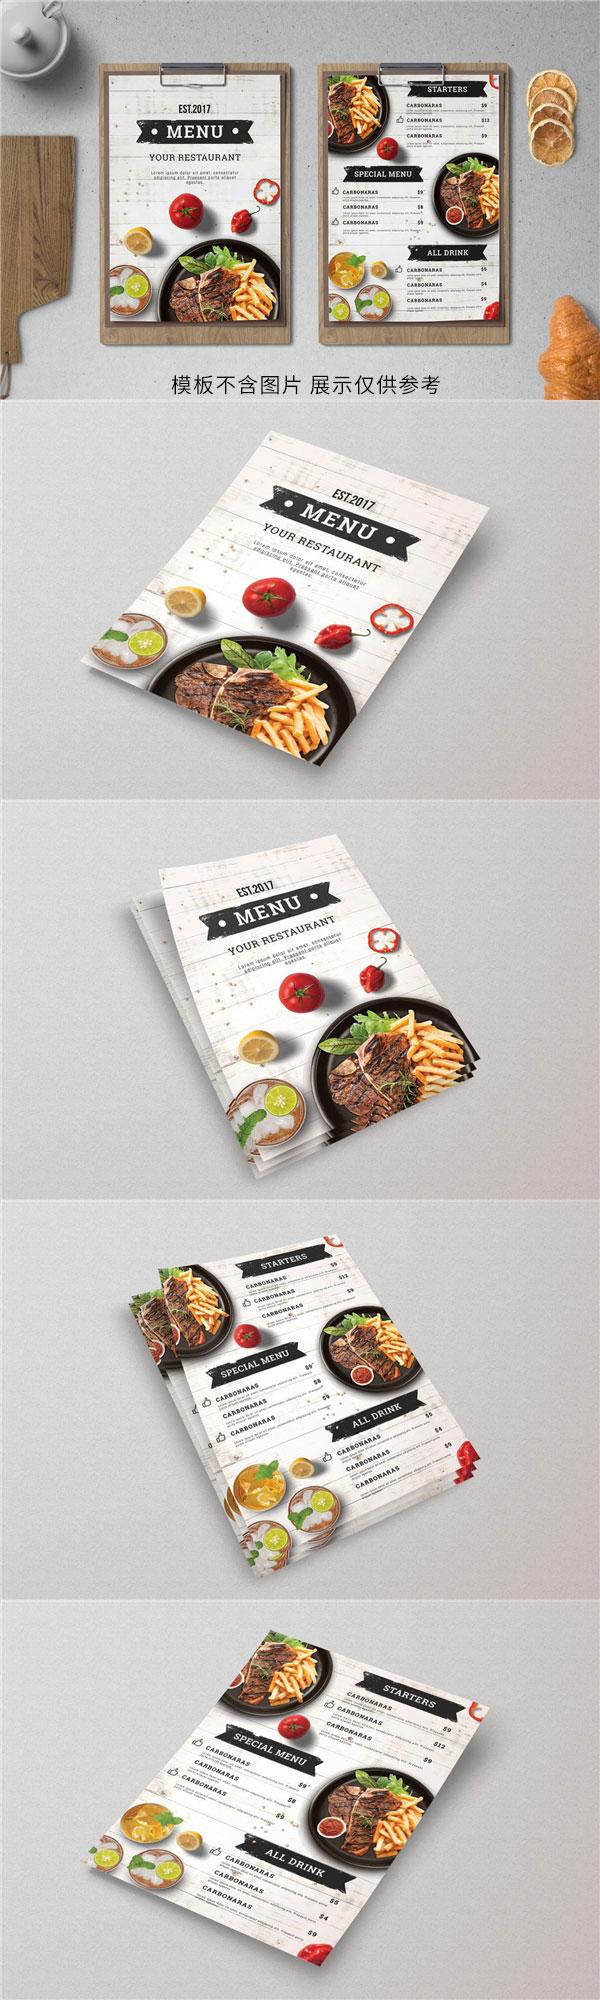 实用餐饮菜单